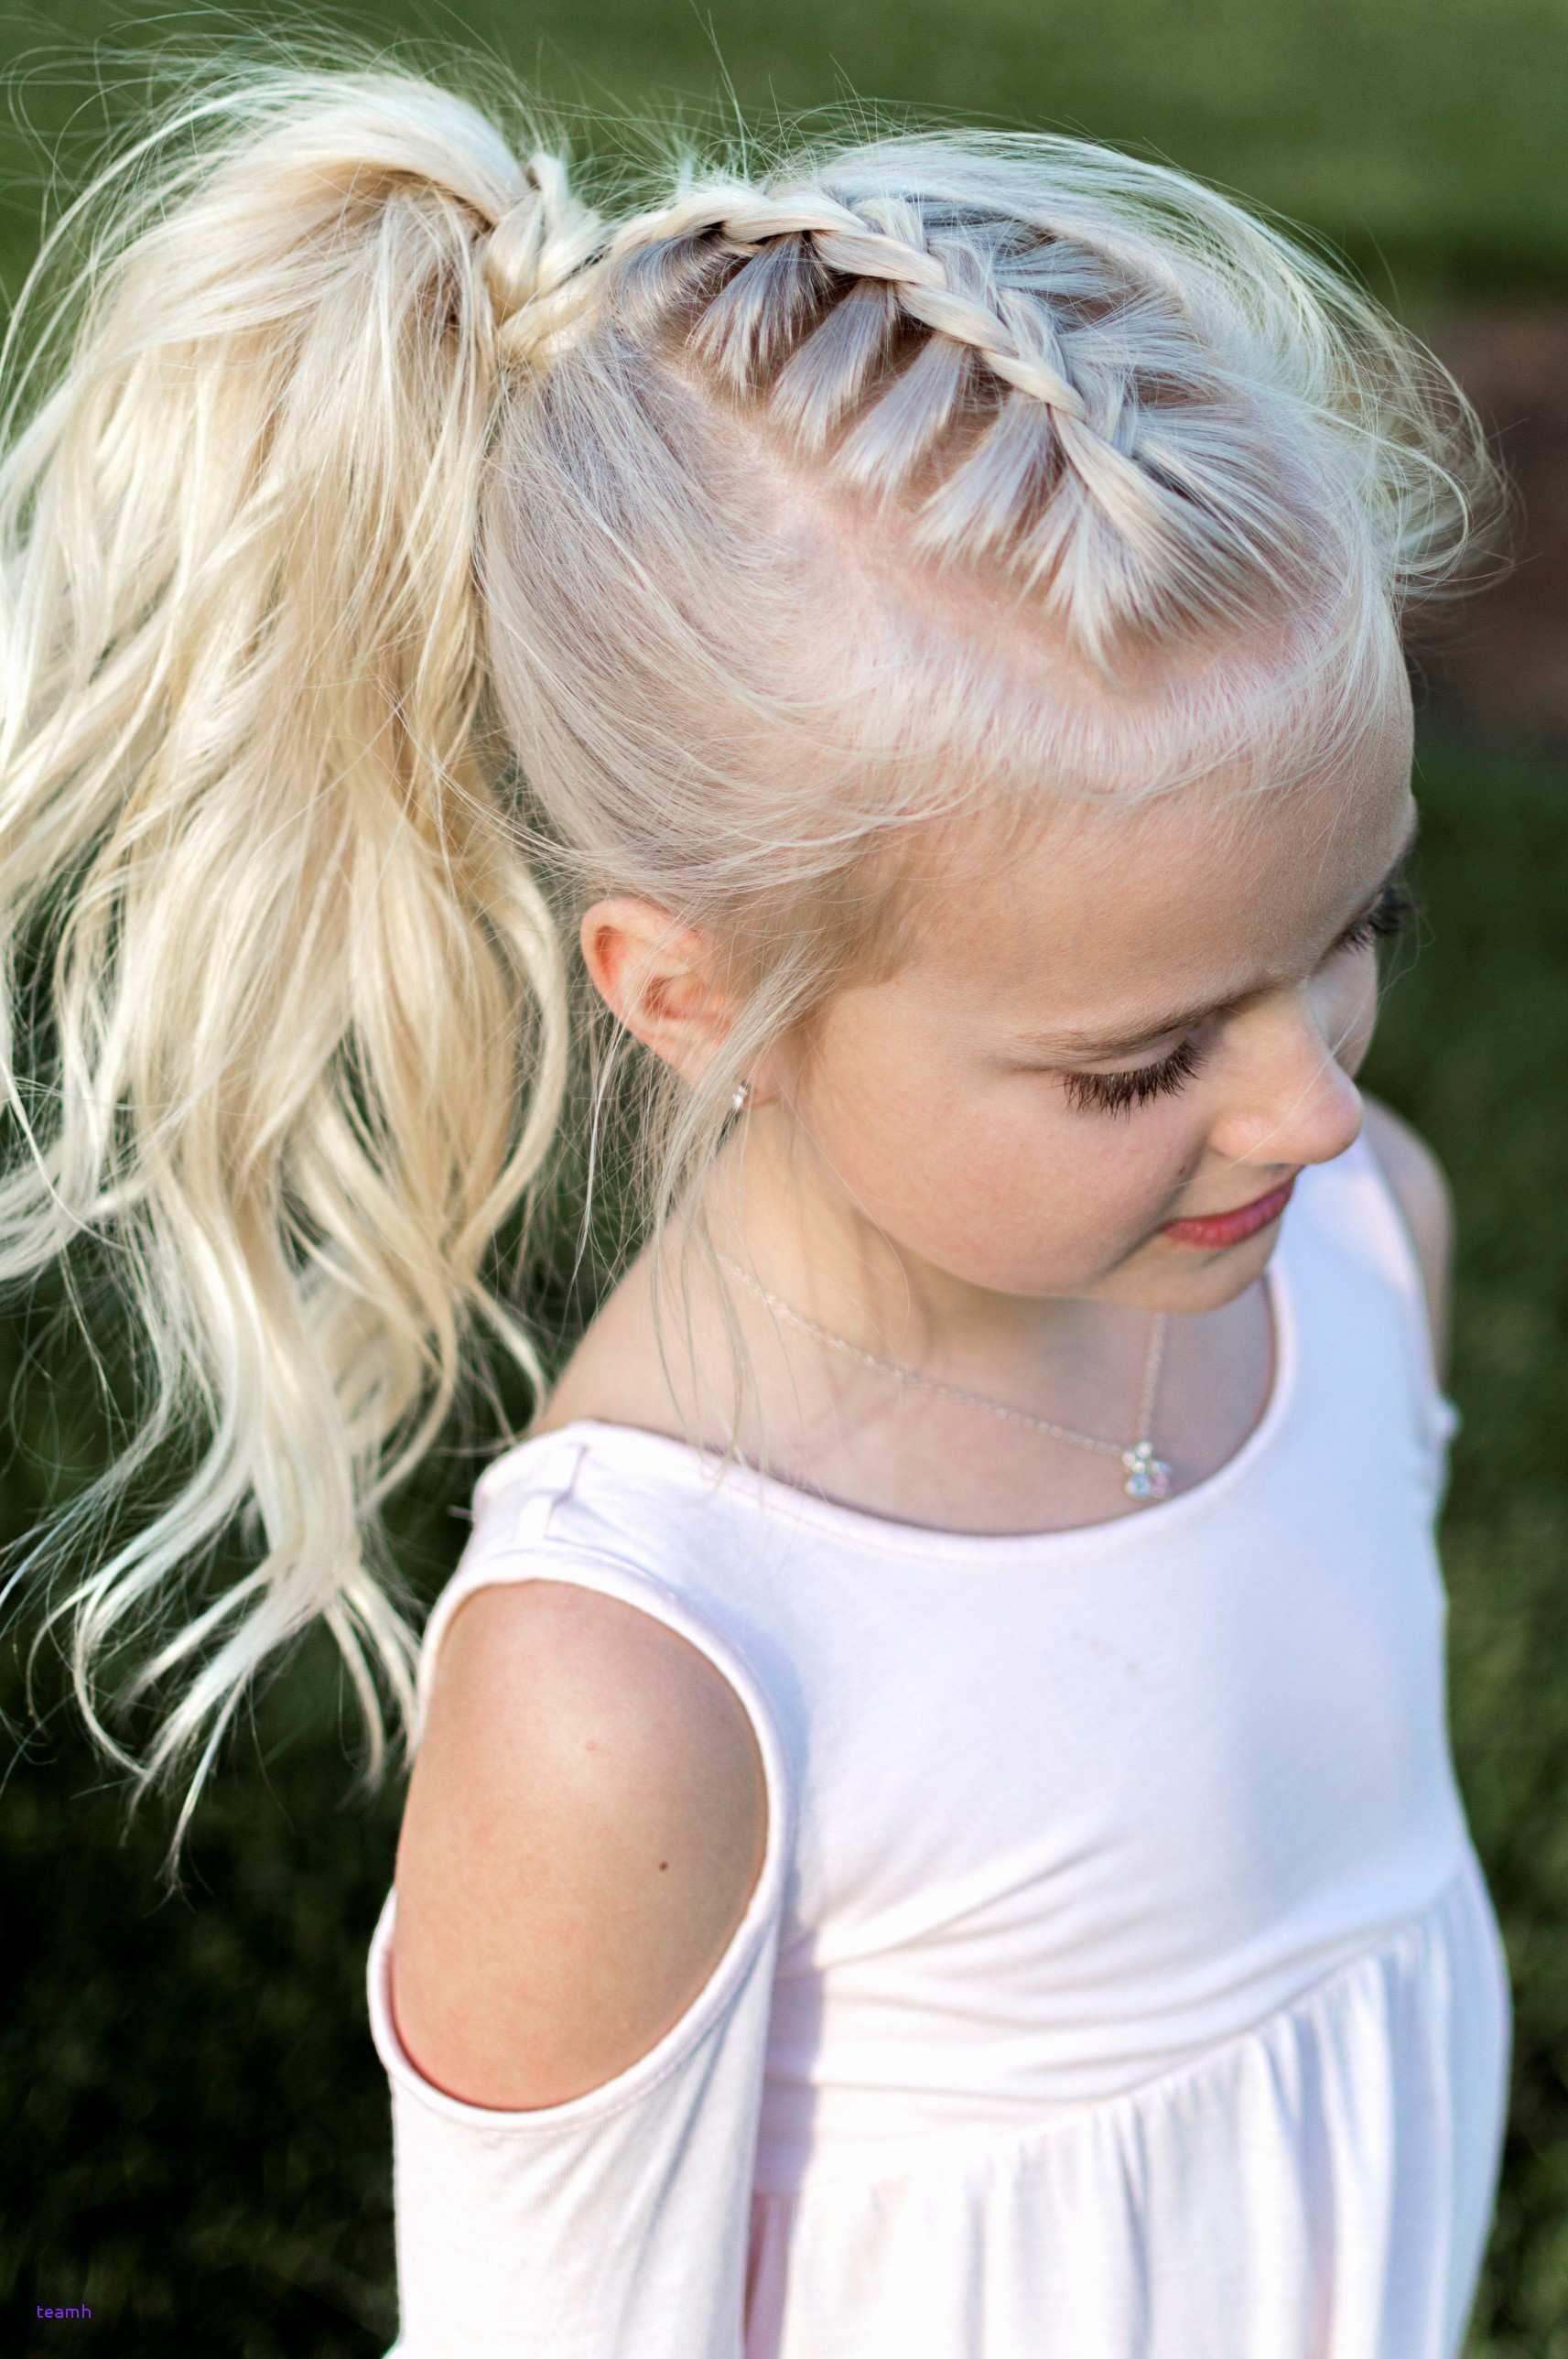 16 Luxury Peinados Hairstyles Ceplukan Hair Styles Girl Hairstyles Kids Hairstyles